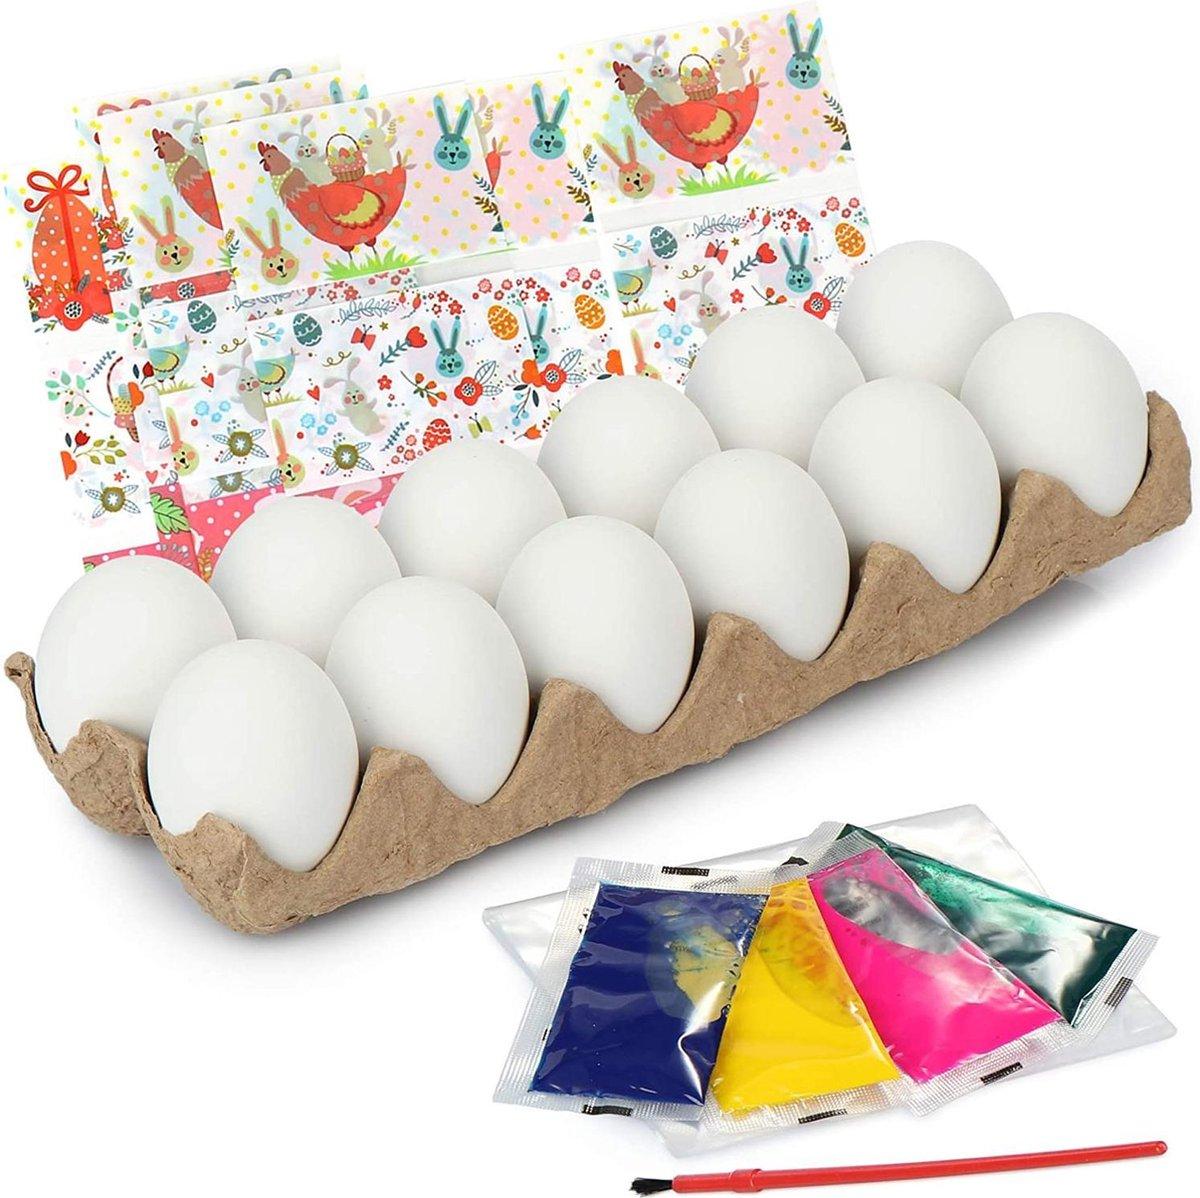 COM-FOUR® 48-delige eierverfset, decoratieve eieren met verf en penseel en krimpfolie voor het versieren van paaseieren, zelf eieren schilderen voor Pasen (48 delig - schilderset - Paaseieren)